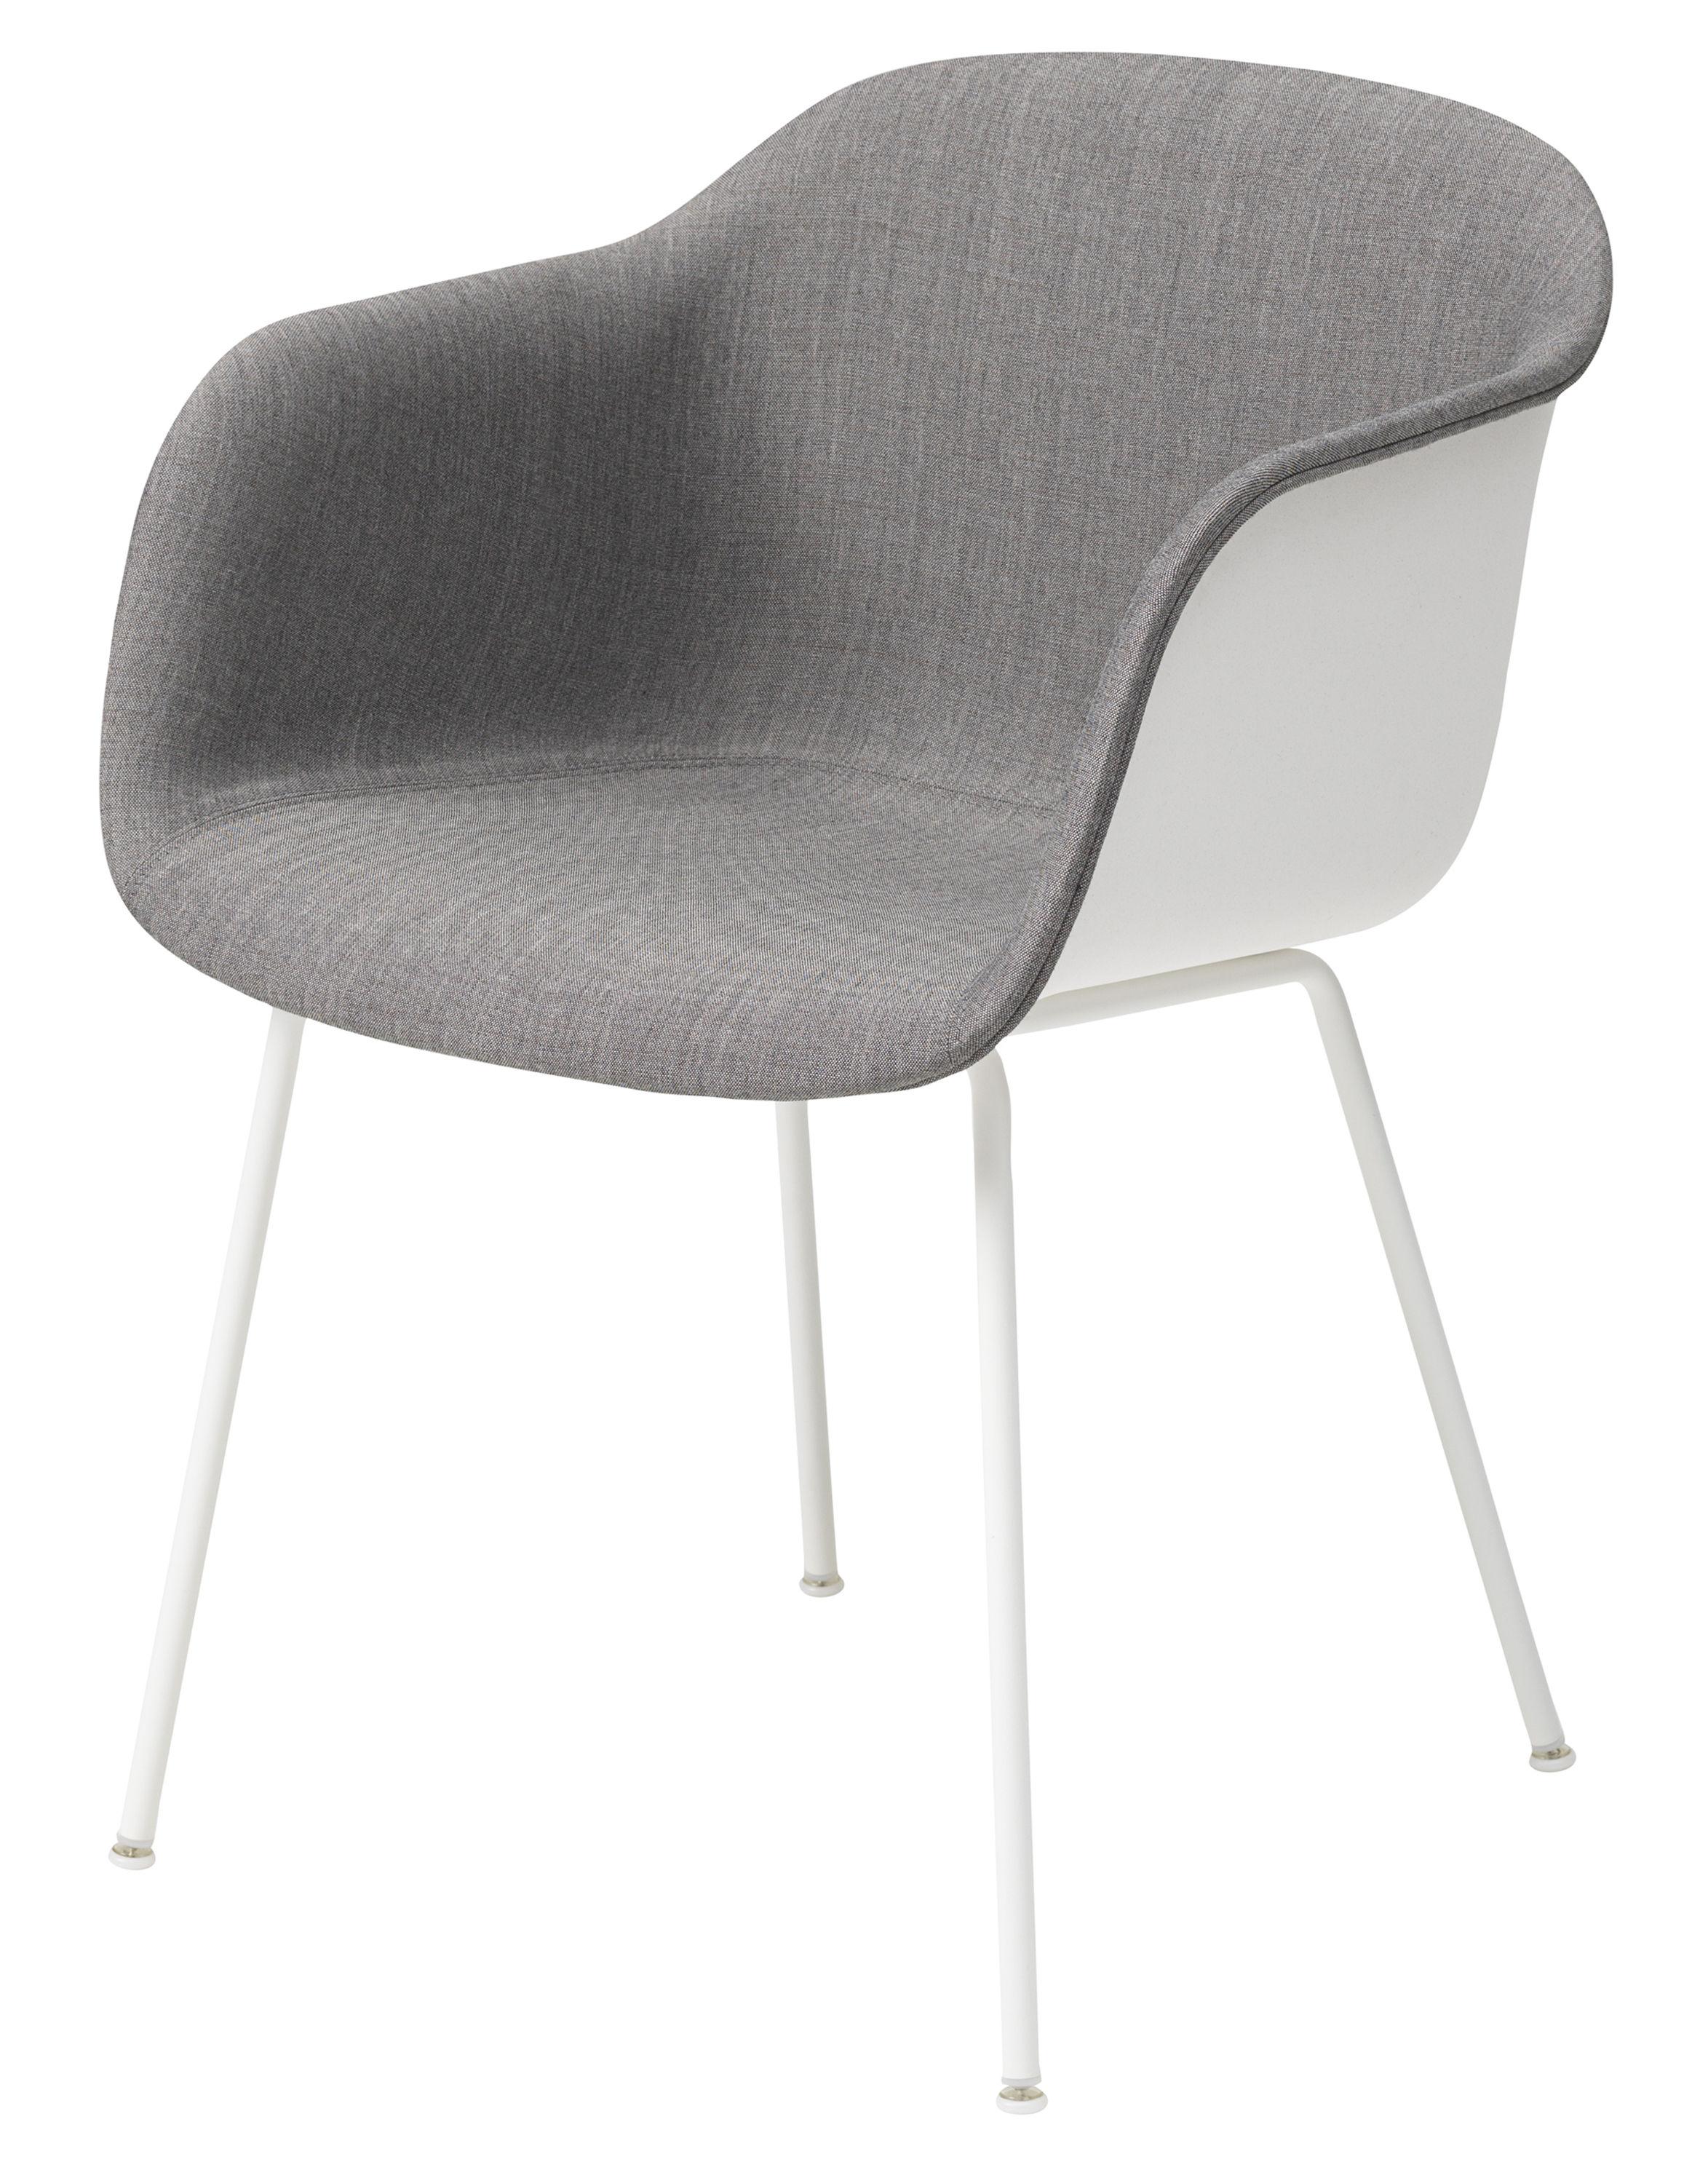 Möbel - Stühle  - Fiber Gepolsterter Sessel / mit 4 Stuhlbeinen - Muuto - Weiß / innen grau - Kvadrat-Gewebe, Recyceltes Verbundmaterial, Stahl